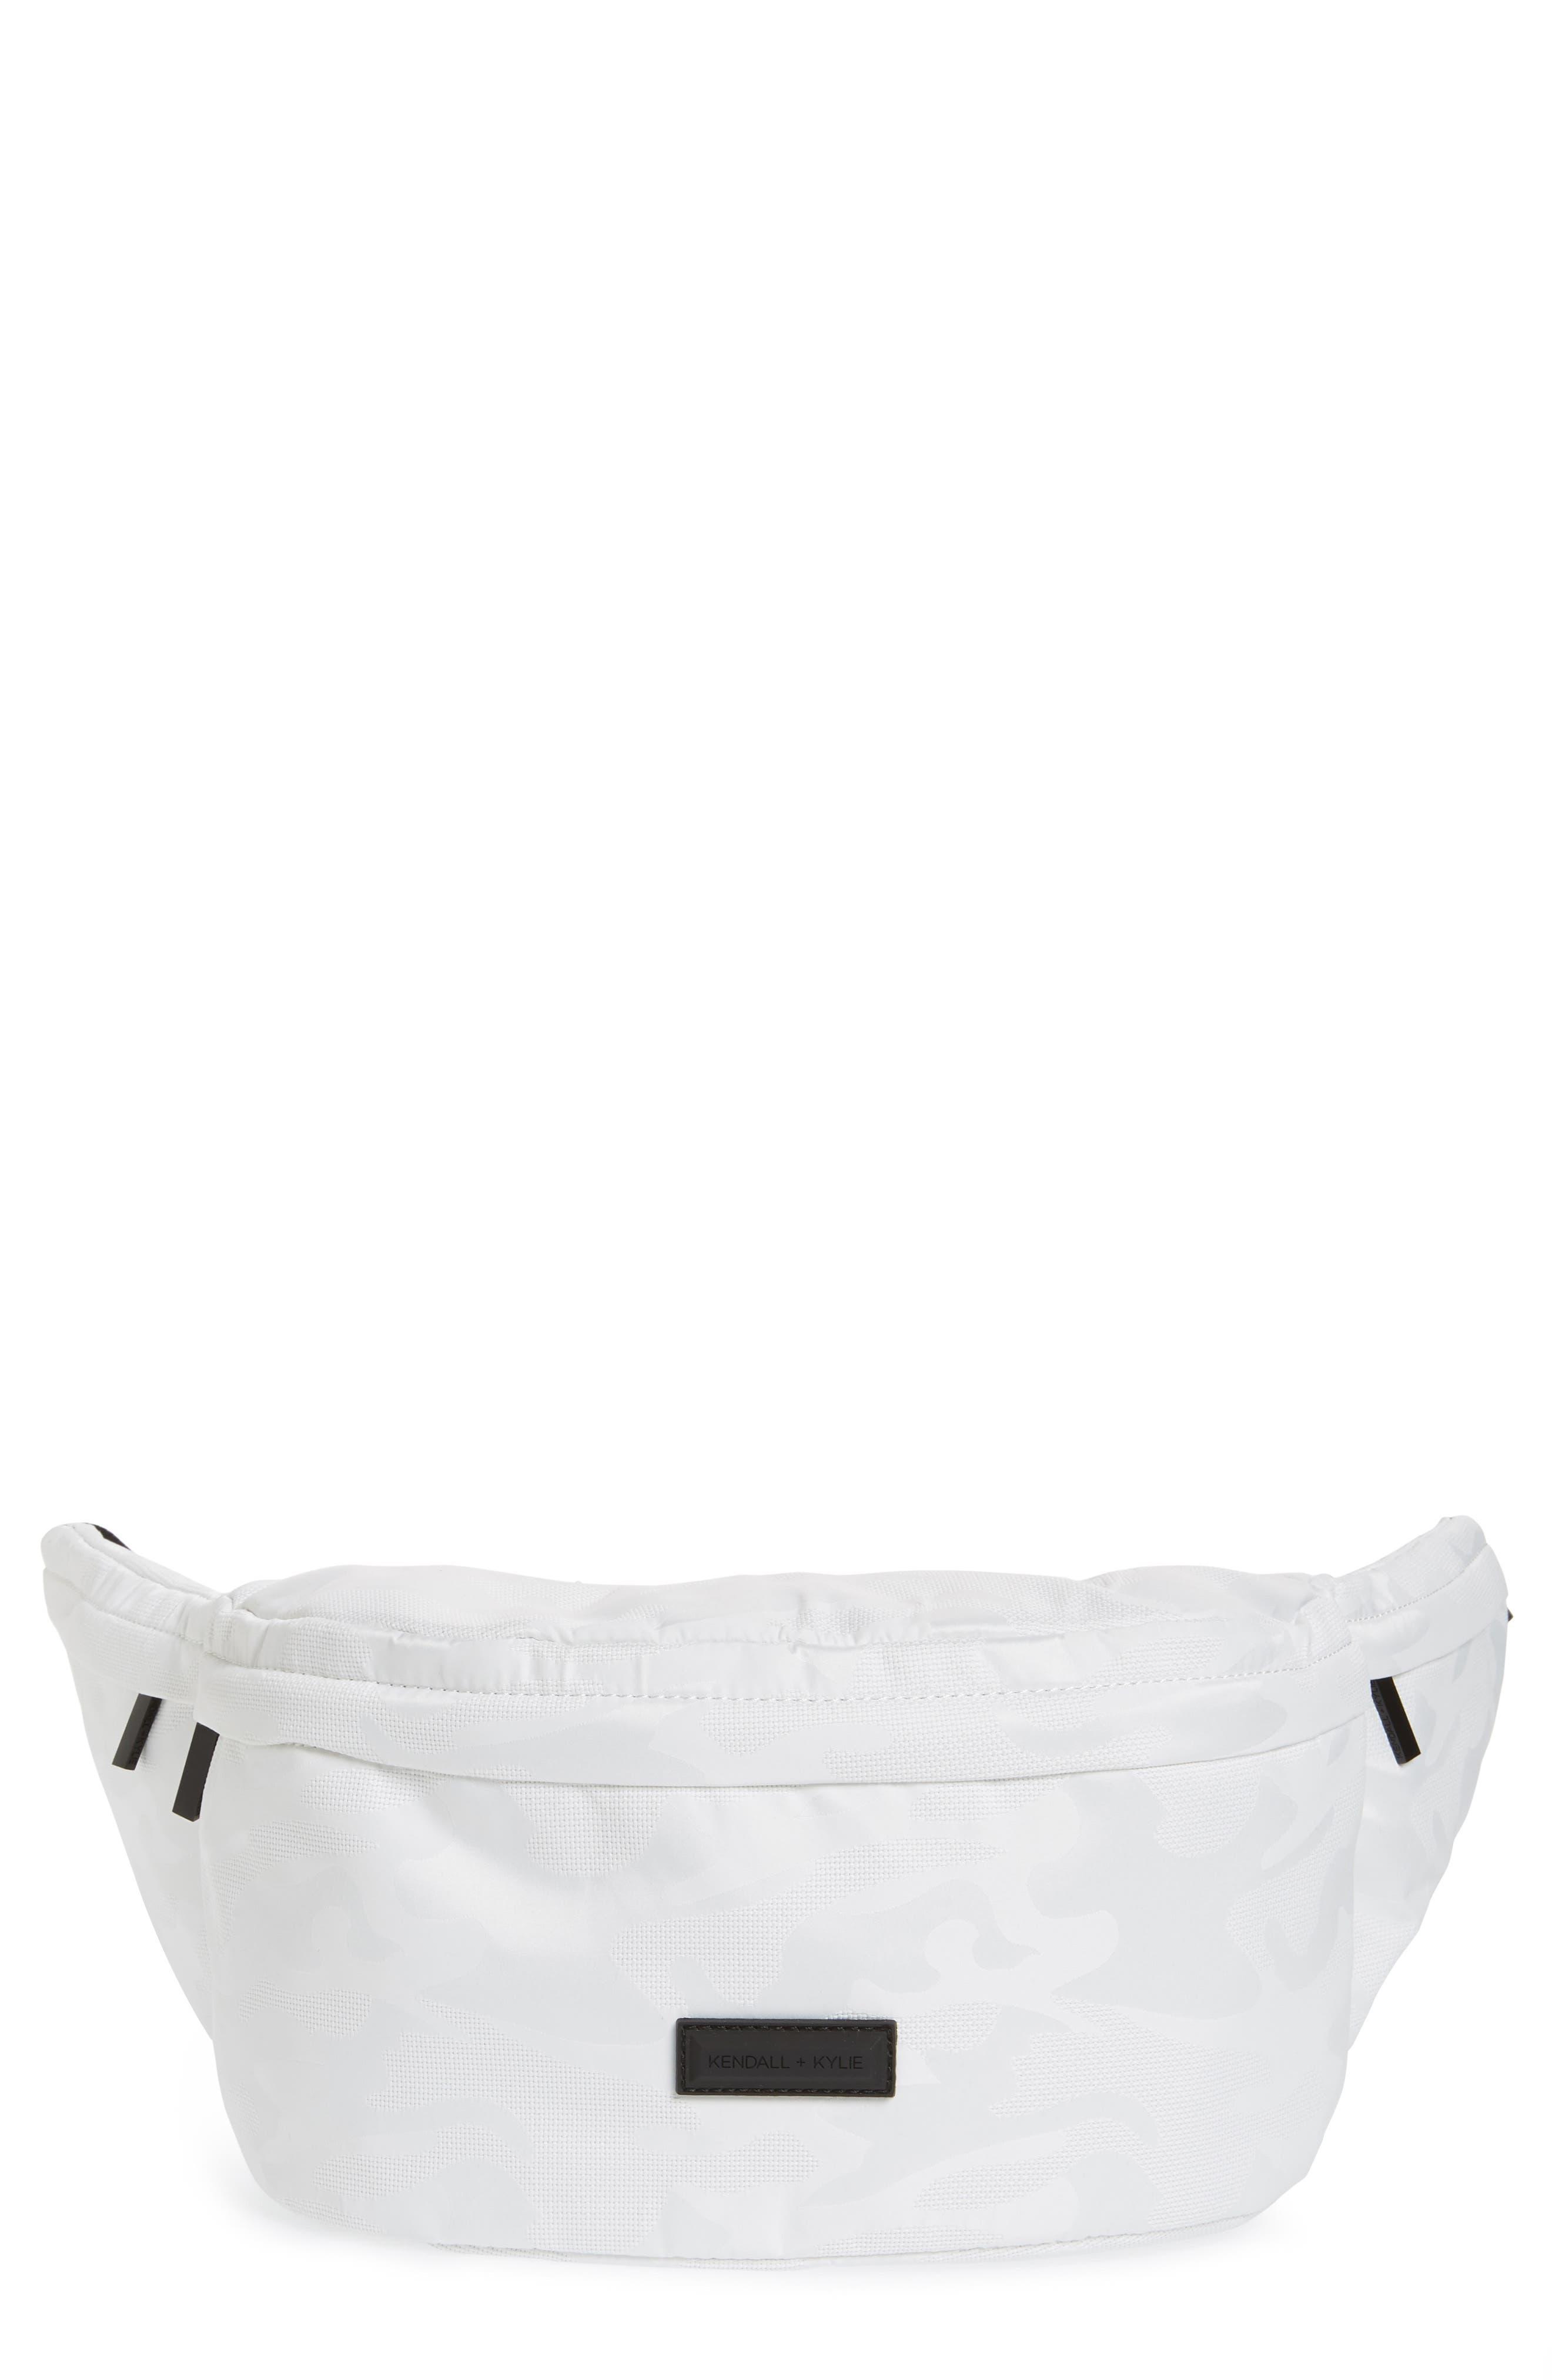 MONA BELT BAG - WHITE